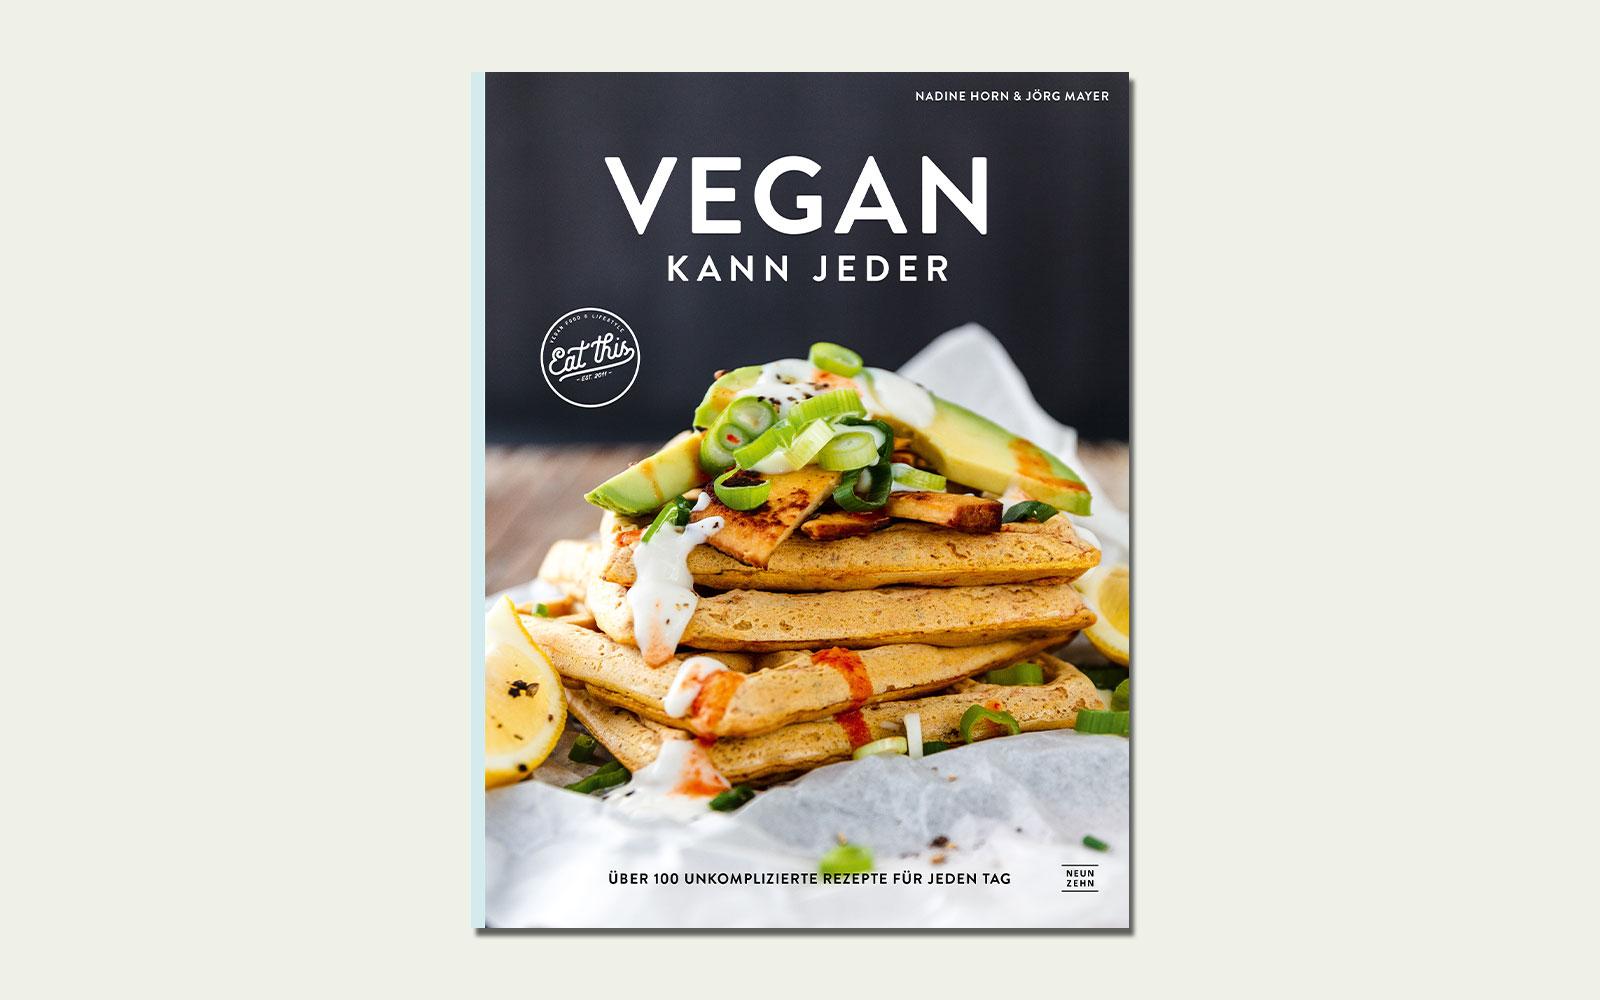 Geschenke für die Küche · Eat this! Foodblog • Vegane Rezepte • Stories